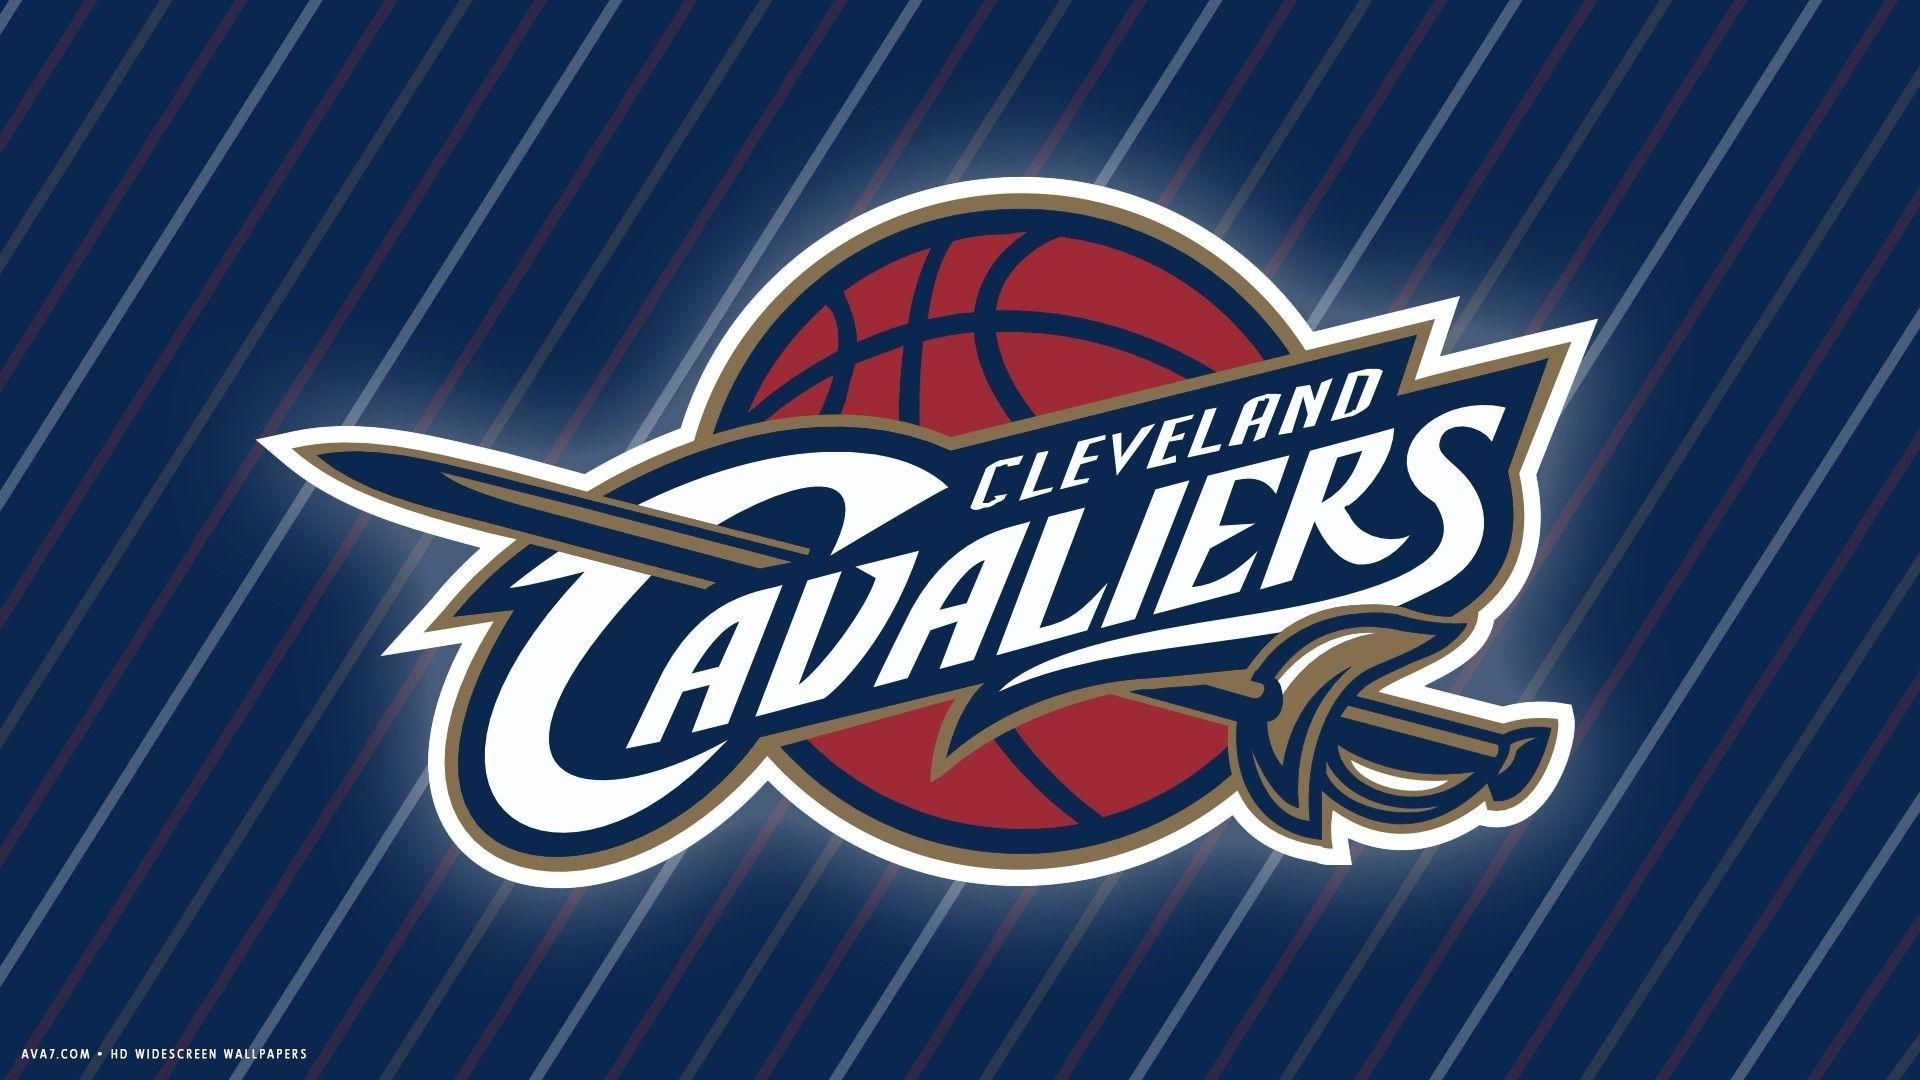 cleveland cavaliers nba basketball team hd widescreen wallpaper